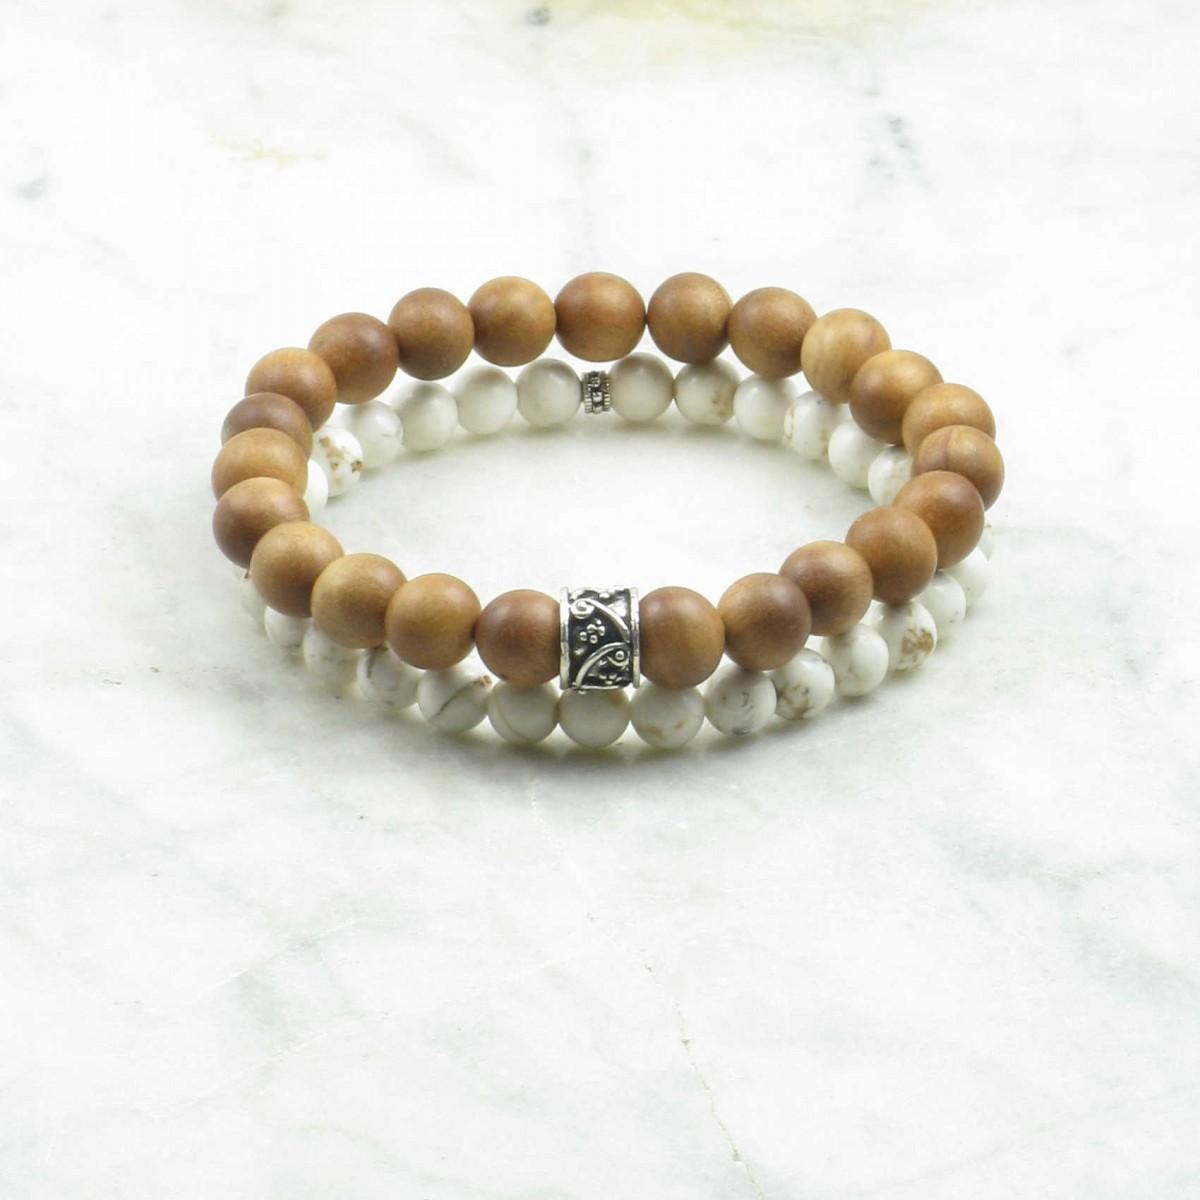 Walden_Bracelets_for_Men_Mala_Beads_Stacks_Sandalwood_Howlite_Buddhist_Prayer_Beads